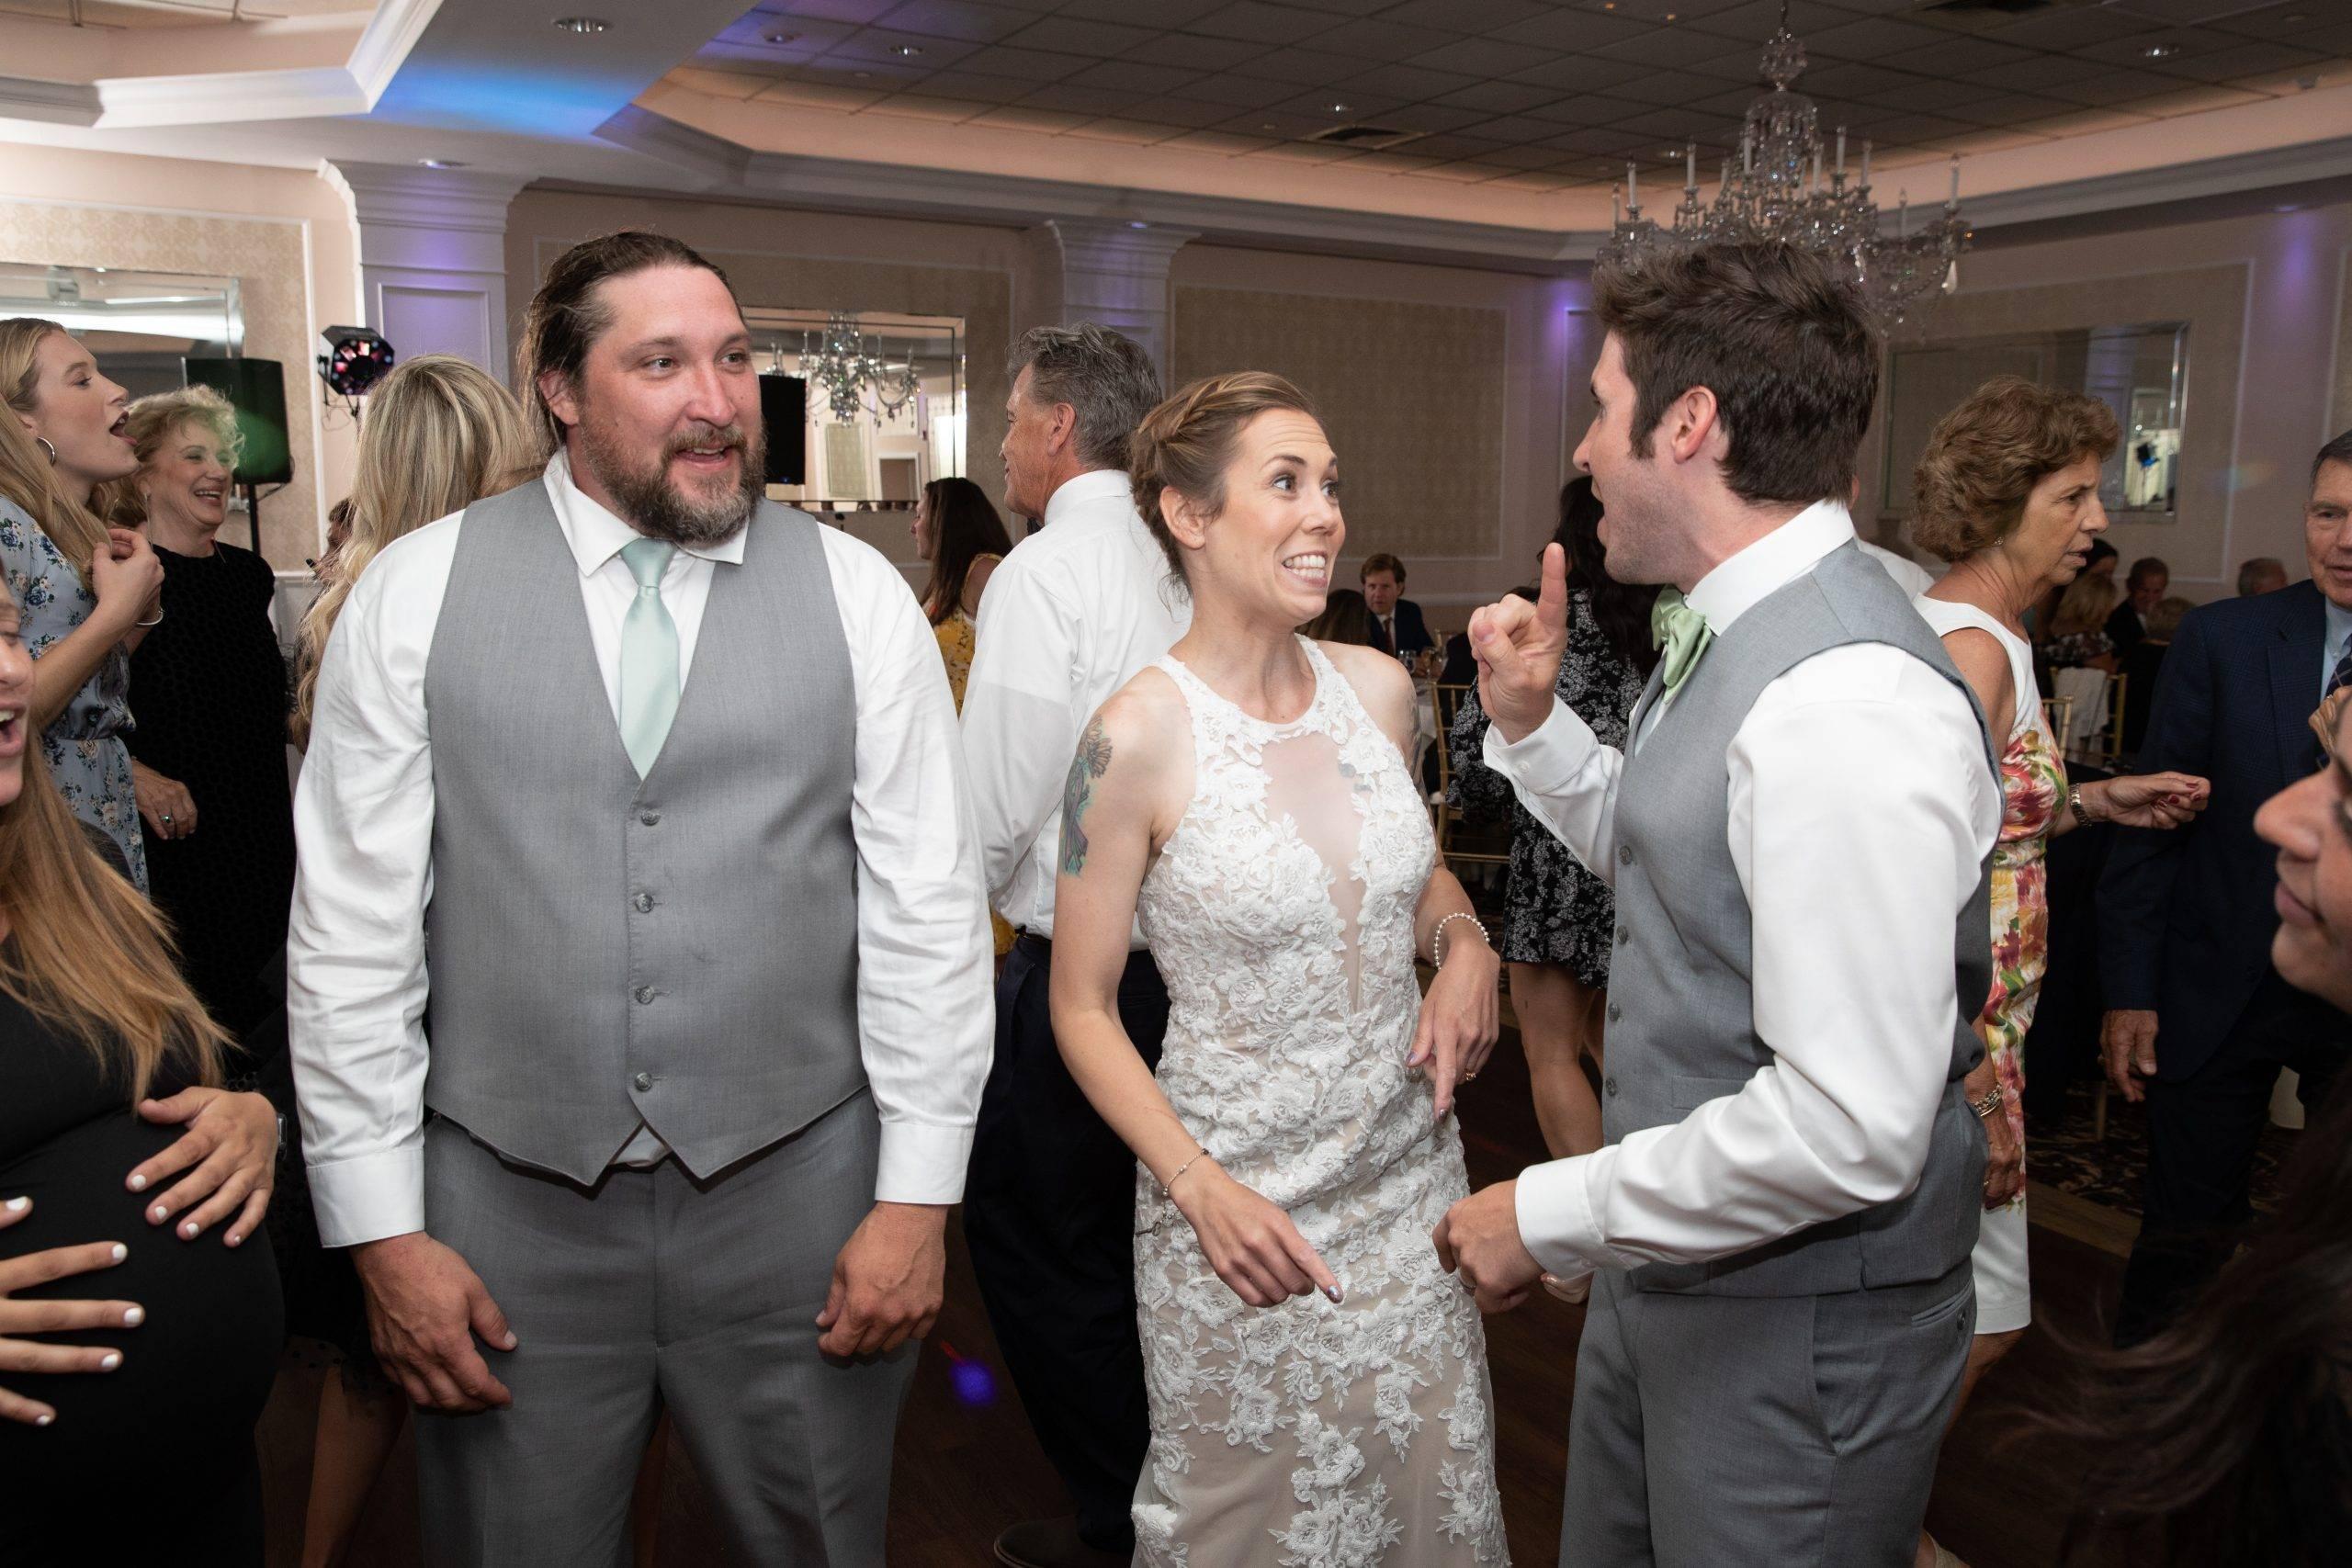 Bridgewater Manor bride dancing at wedding reception